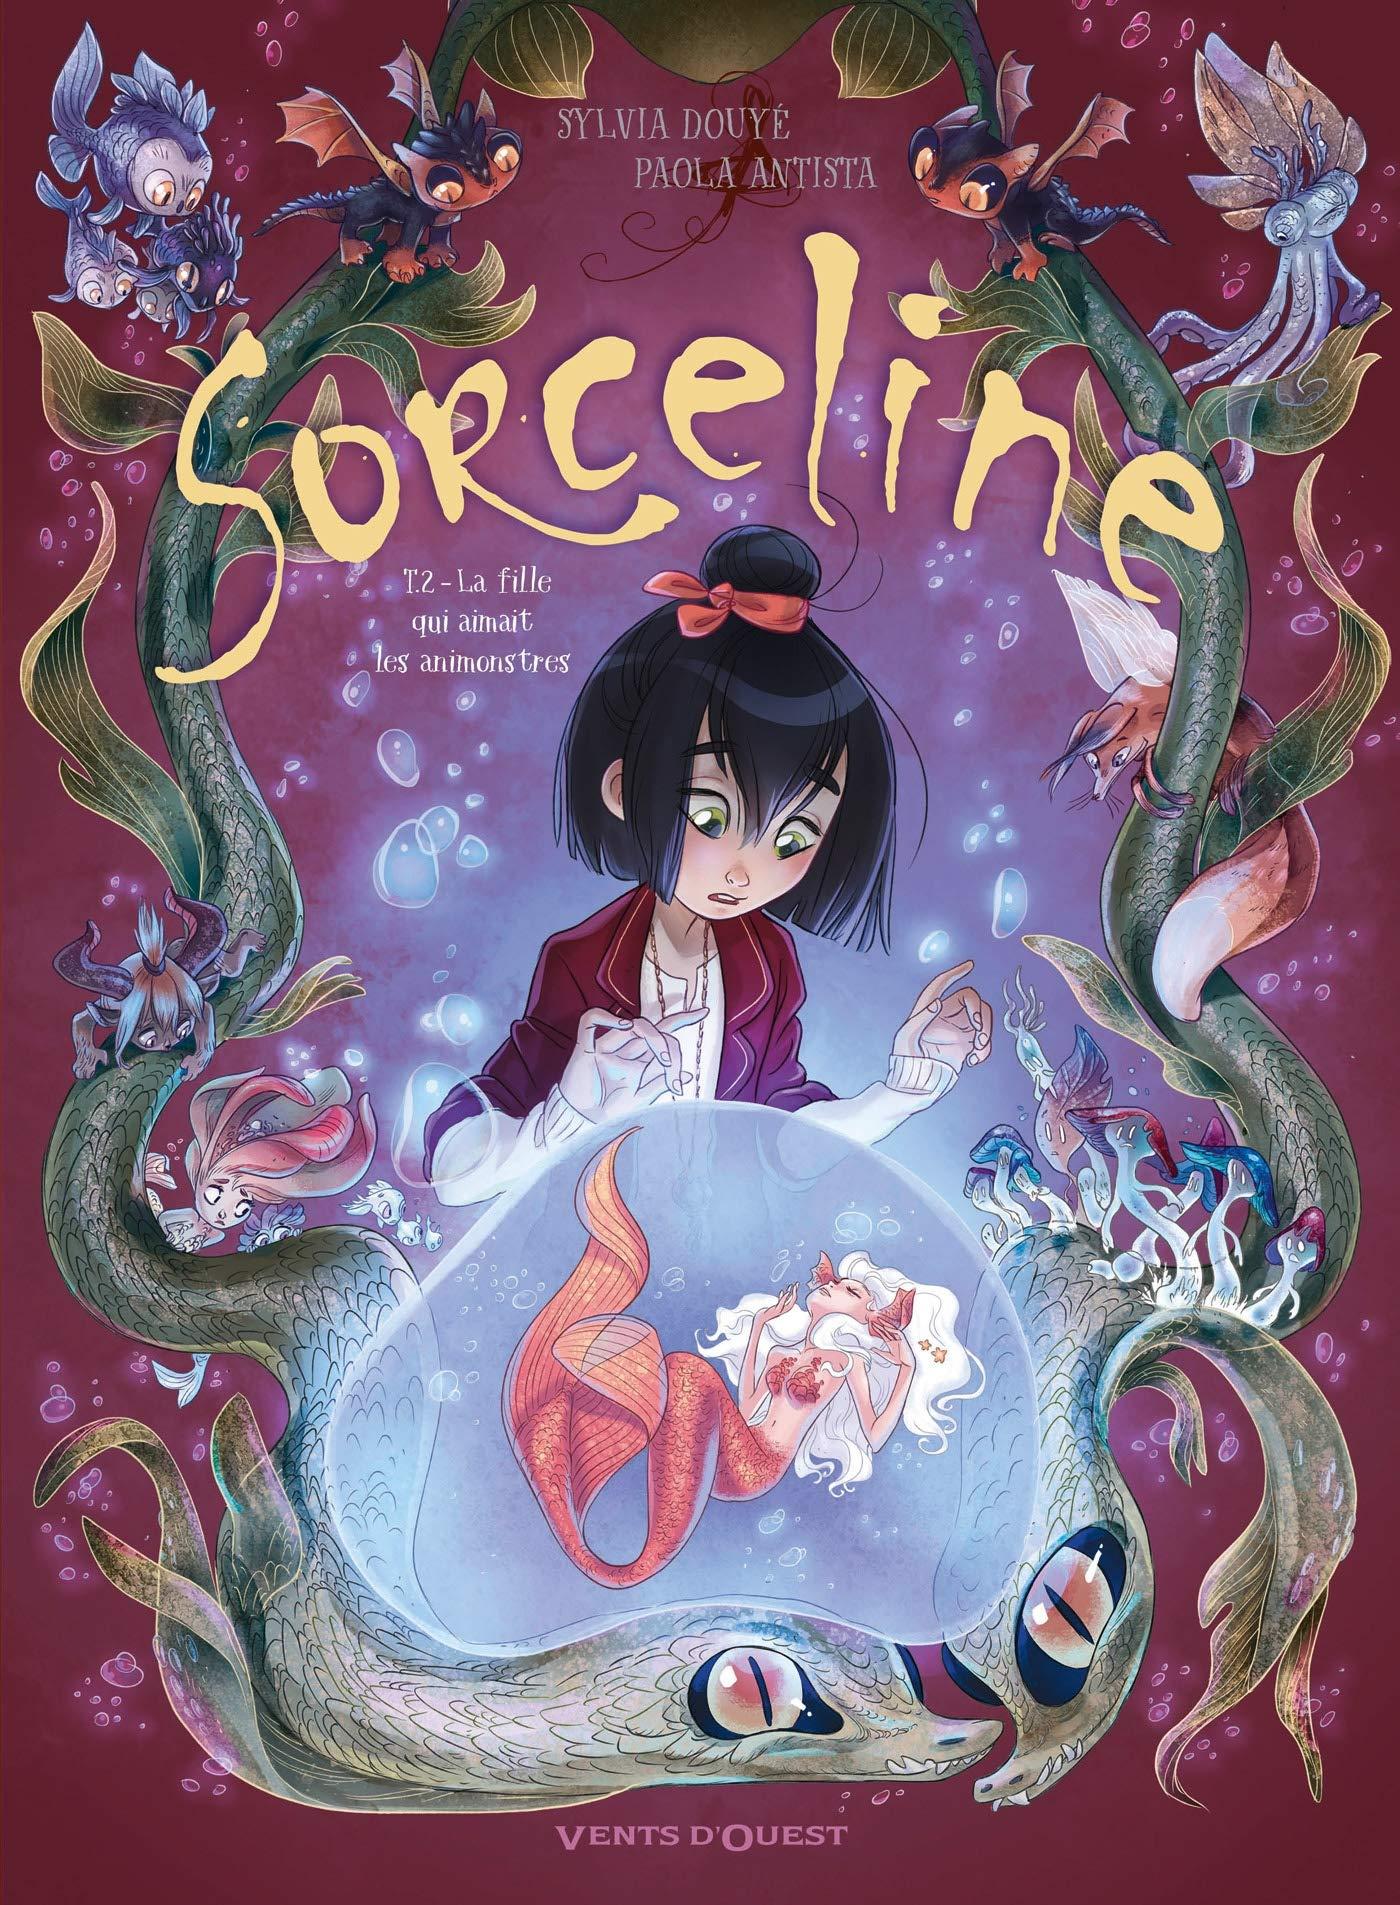 Sorceline 2 - La fille qui soignait les animonstres